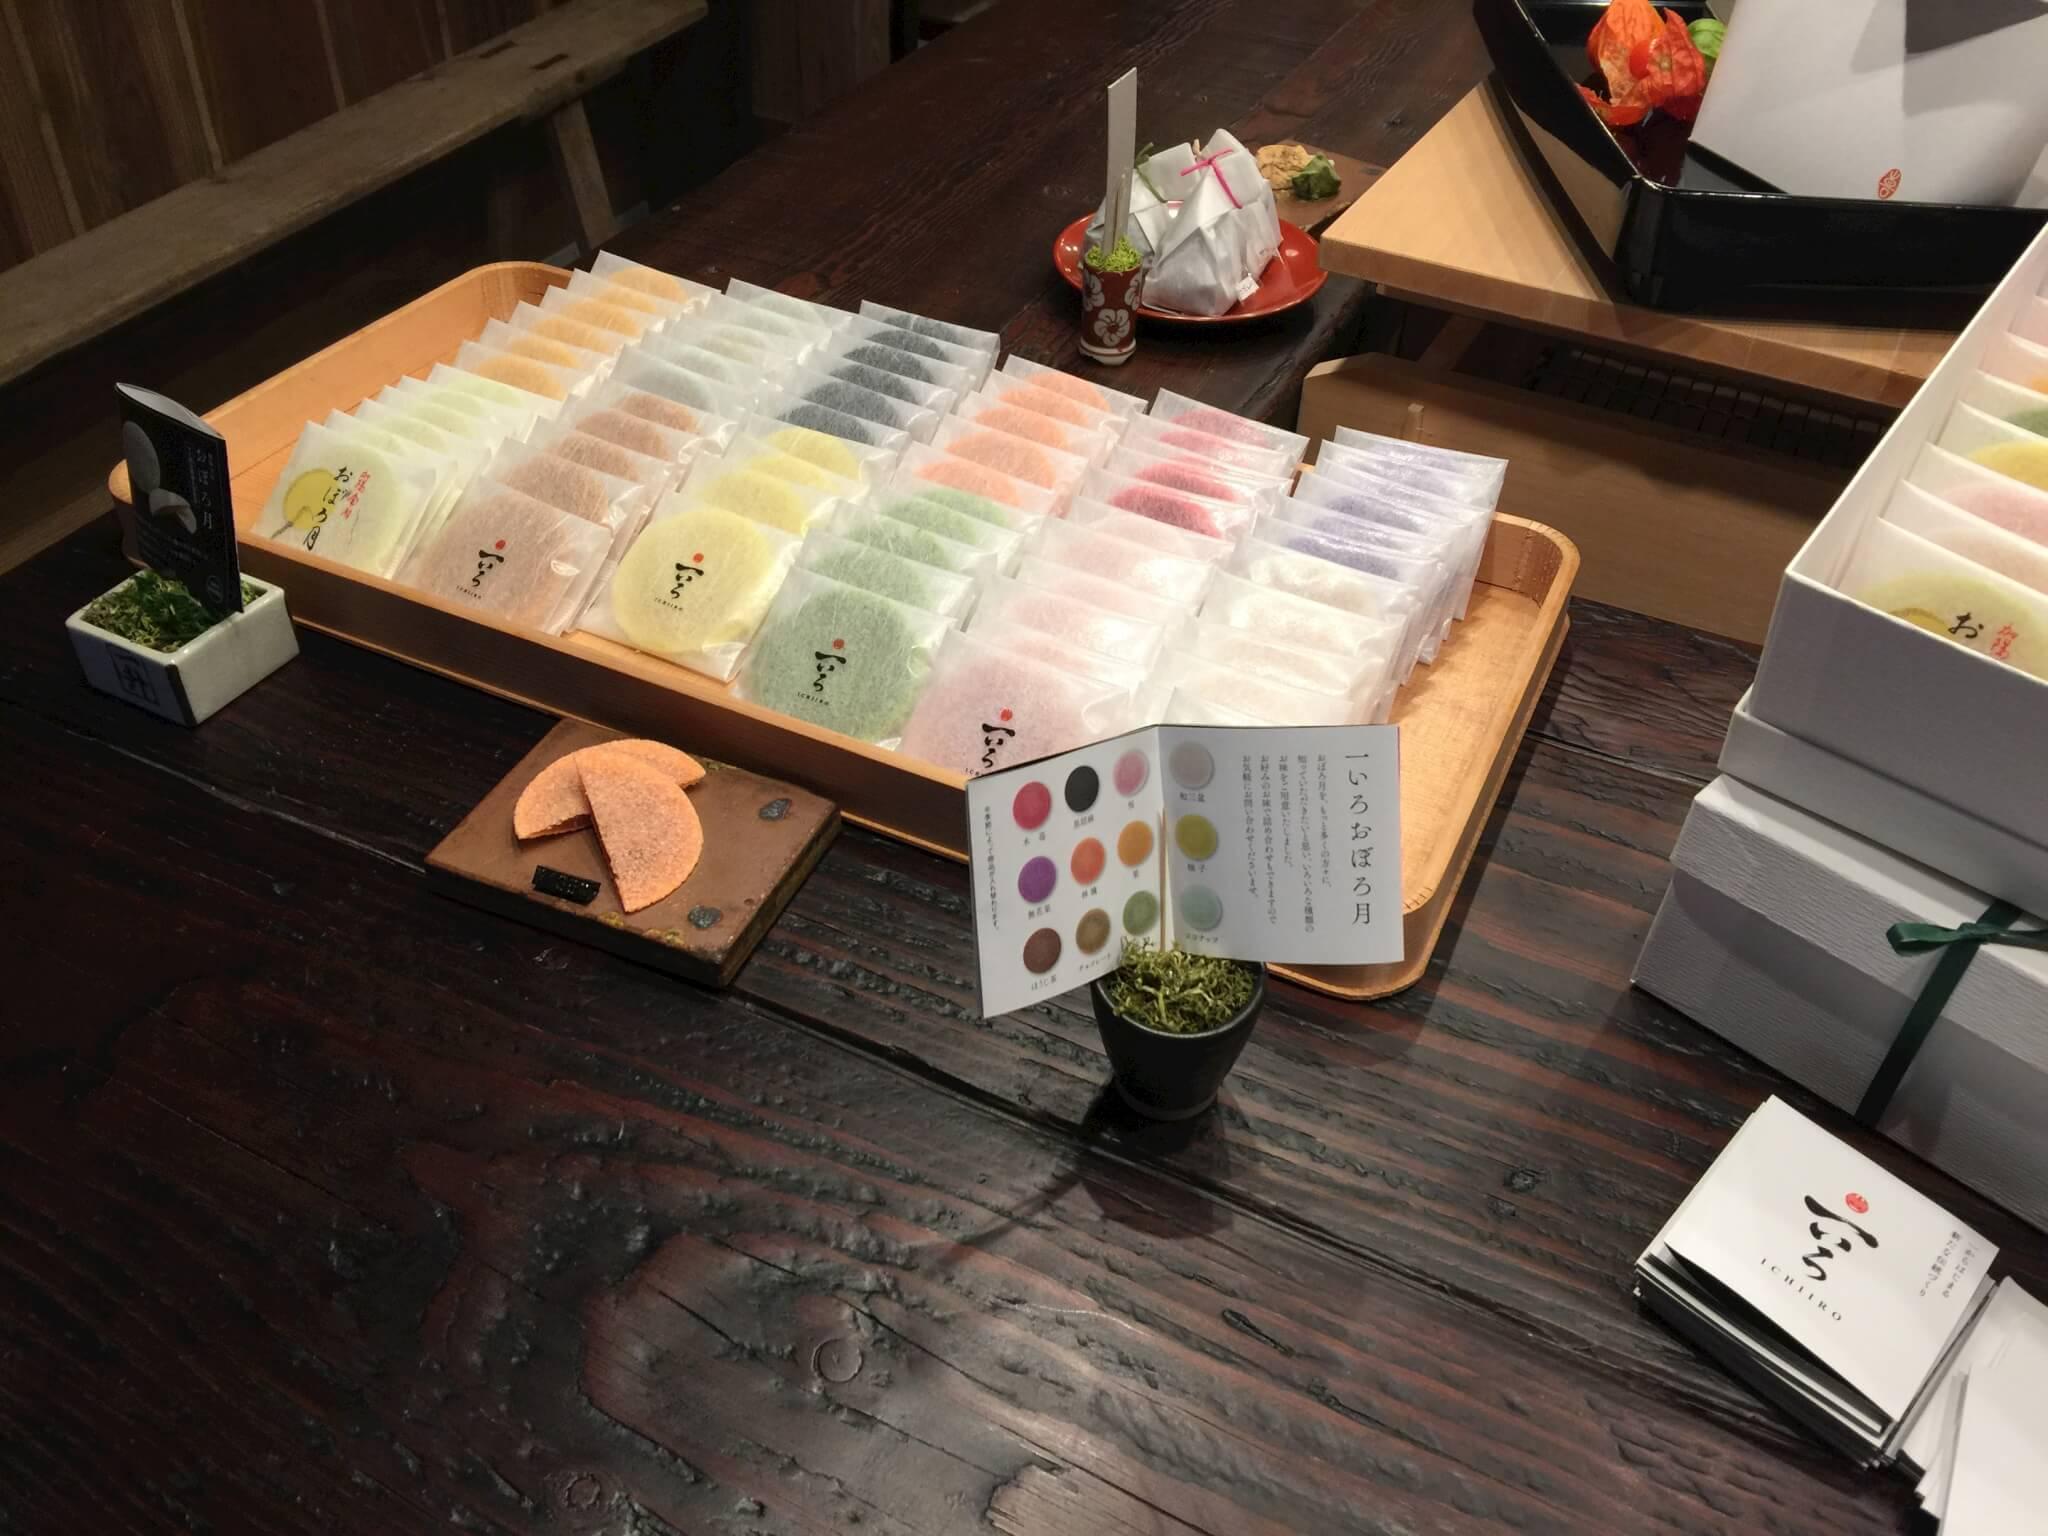 「菓舗Kazu Nakashima(カホ カズナカシマ)」で購入したお土産